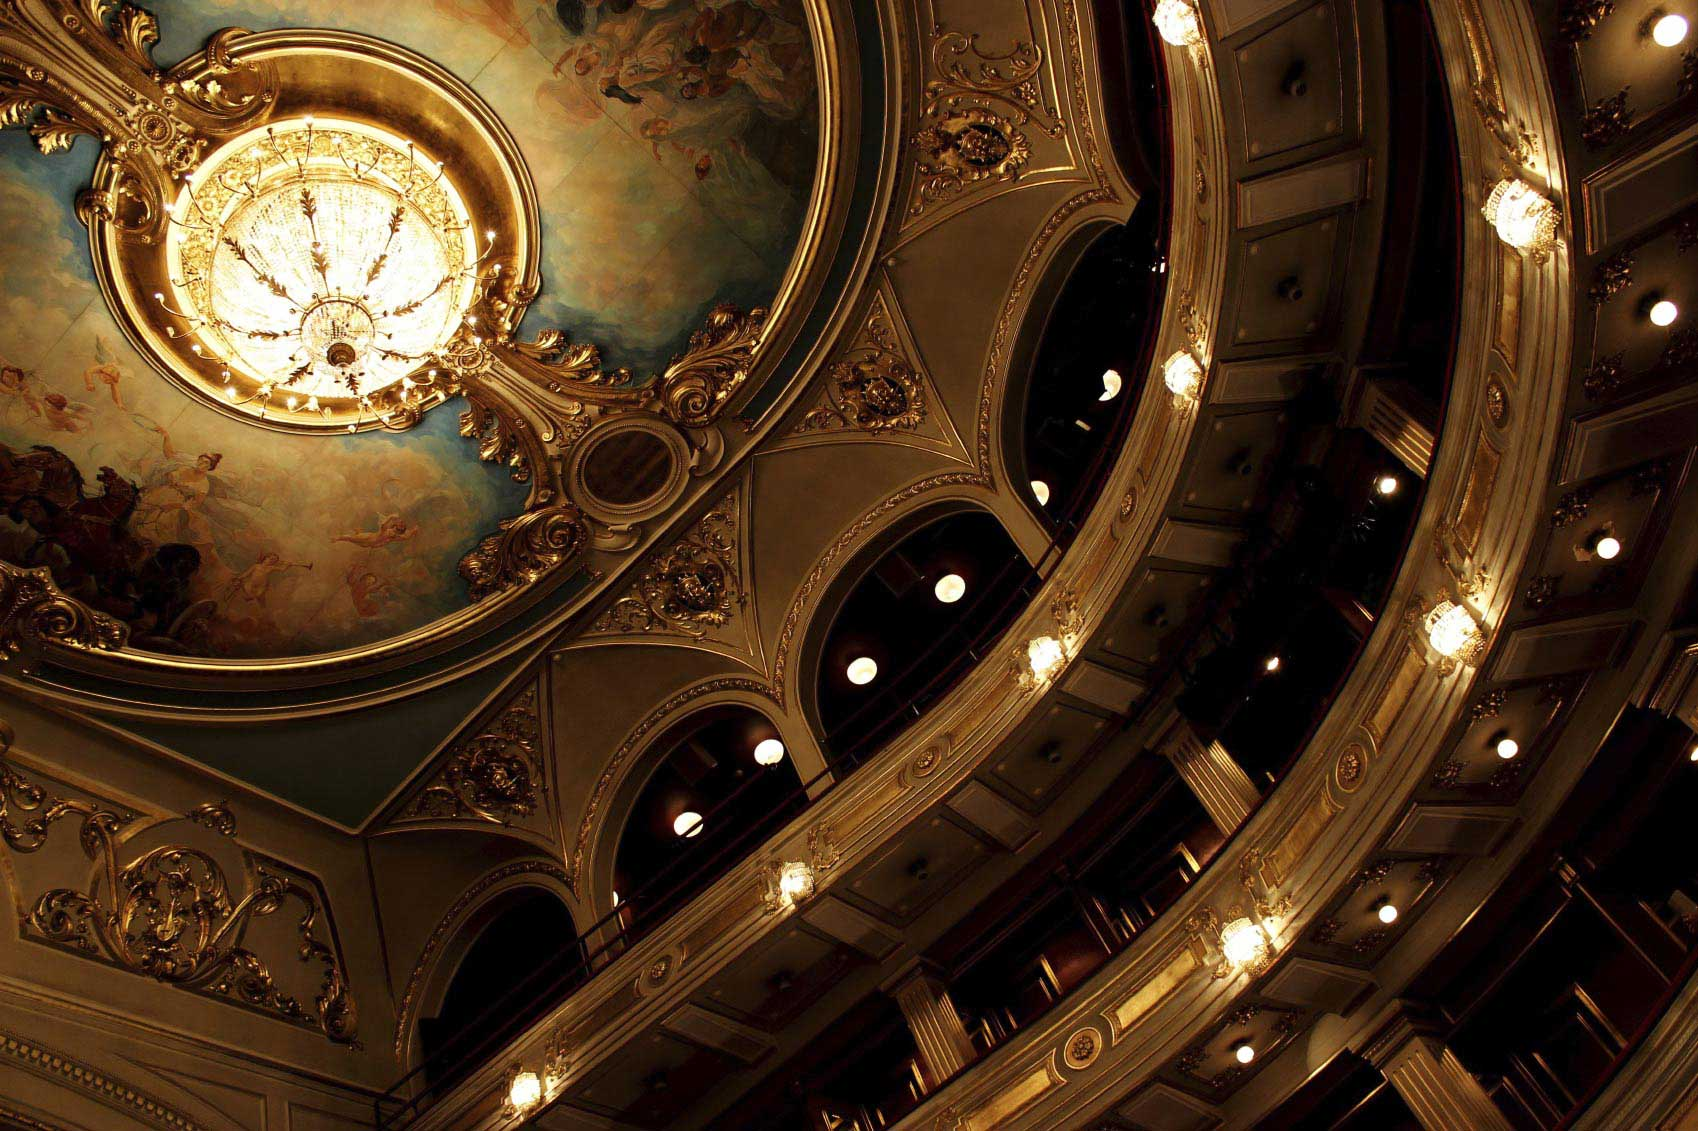 Assistir a uma opera